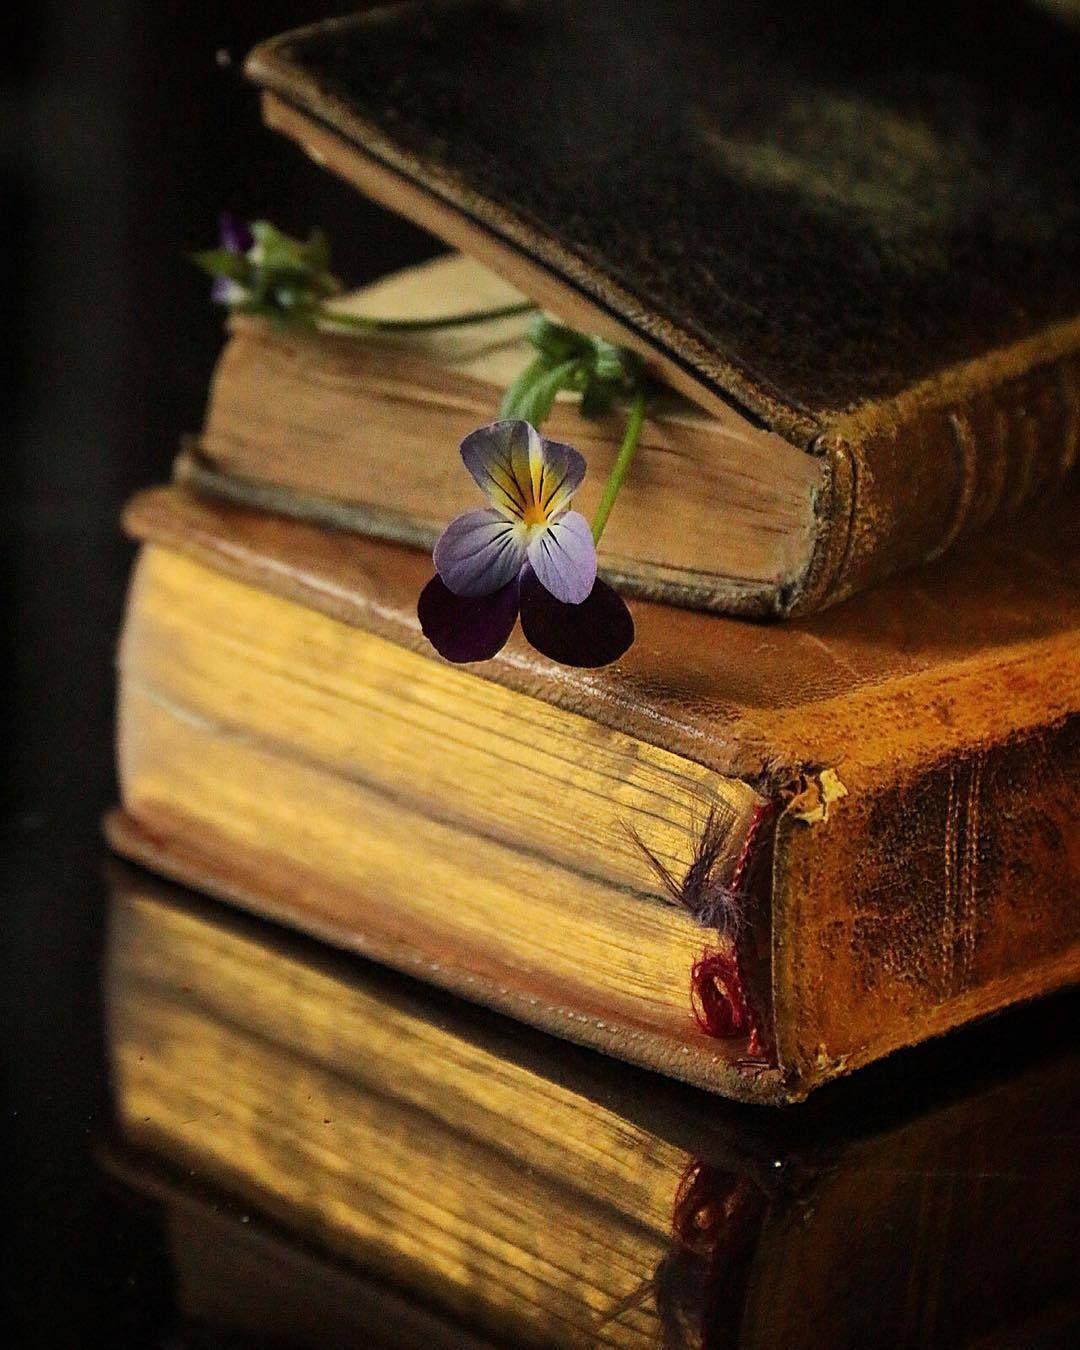 Pin By Tatyana Sazhneva On Nezhnye Kartinki In 2020 Book Flowers Antique Books Old Books